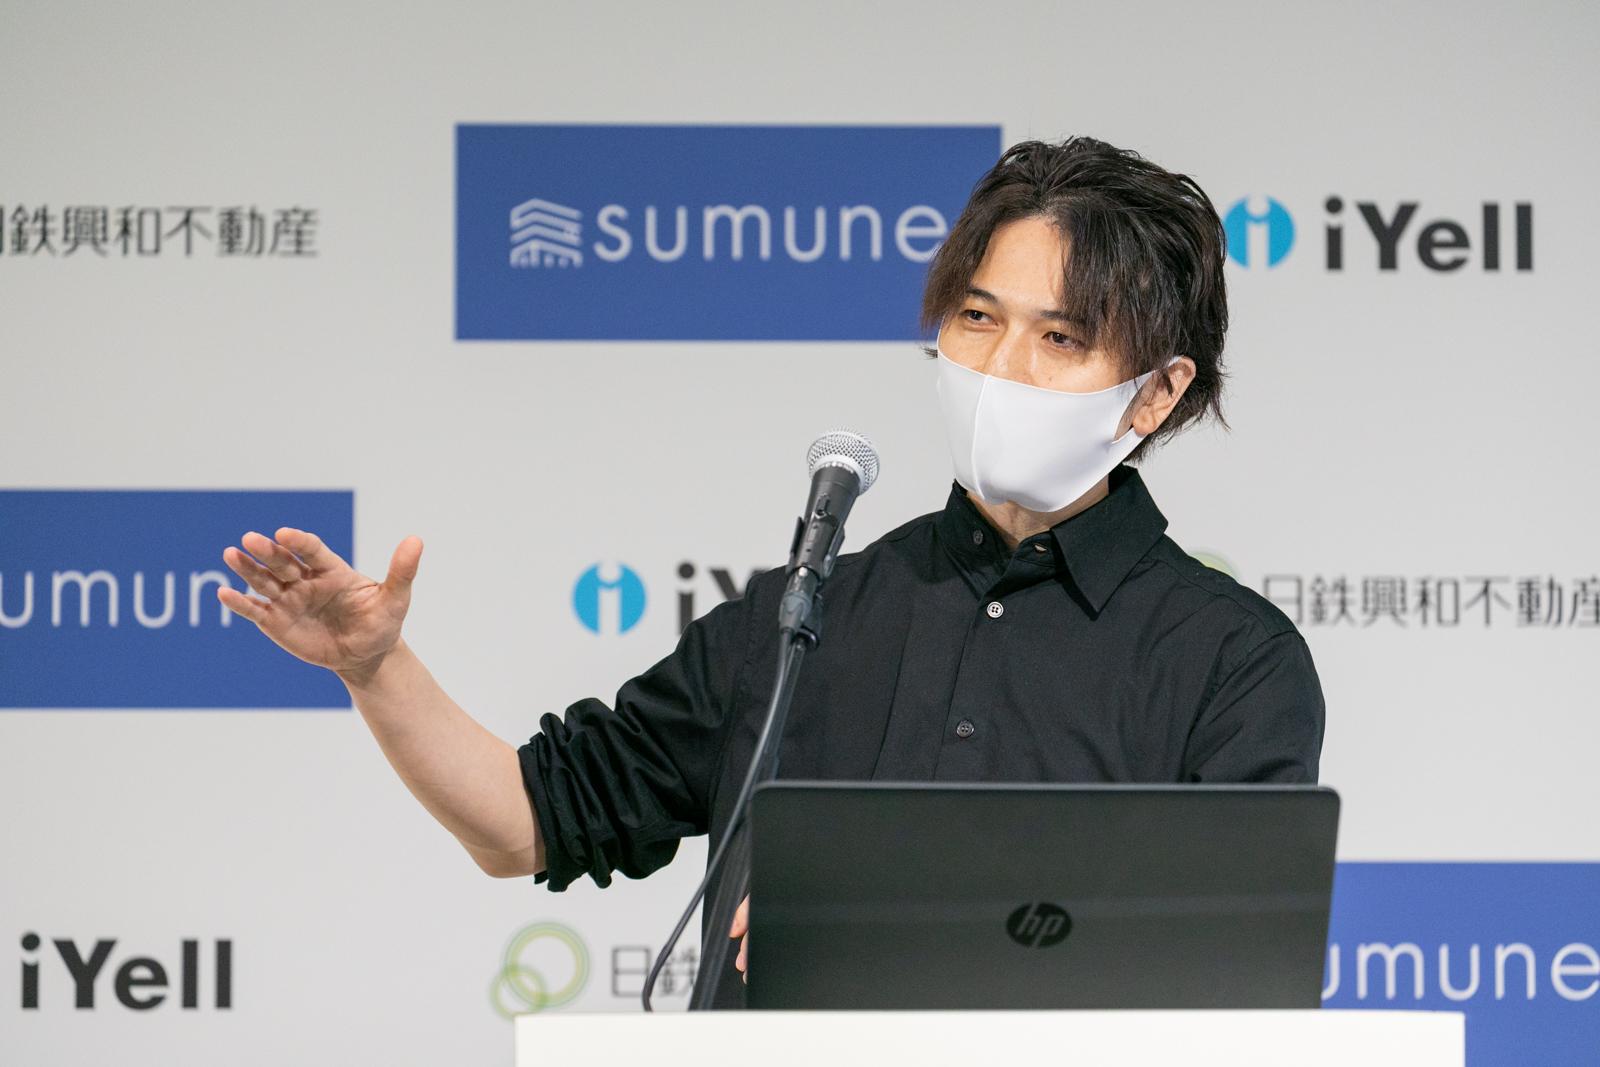 sumune記者会見2